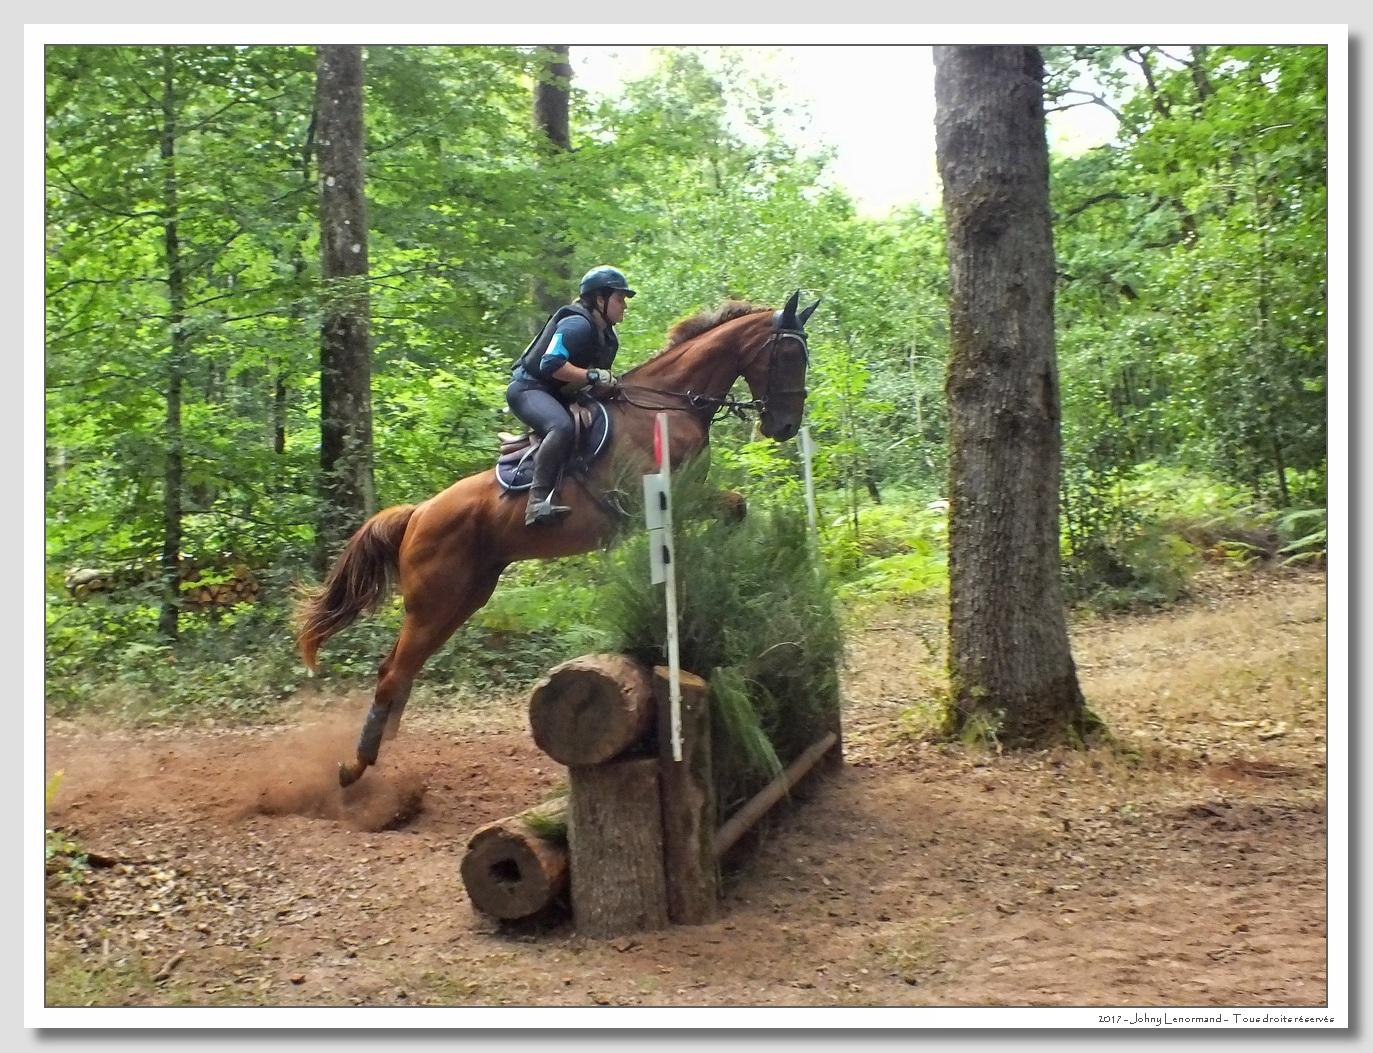 Fête du cheval à Moutiers les Mauxfaits